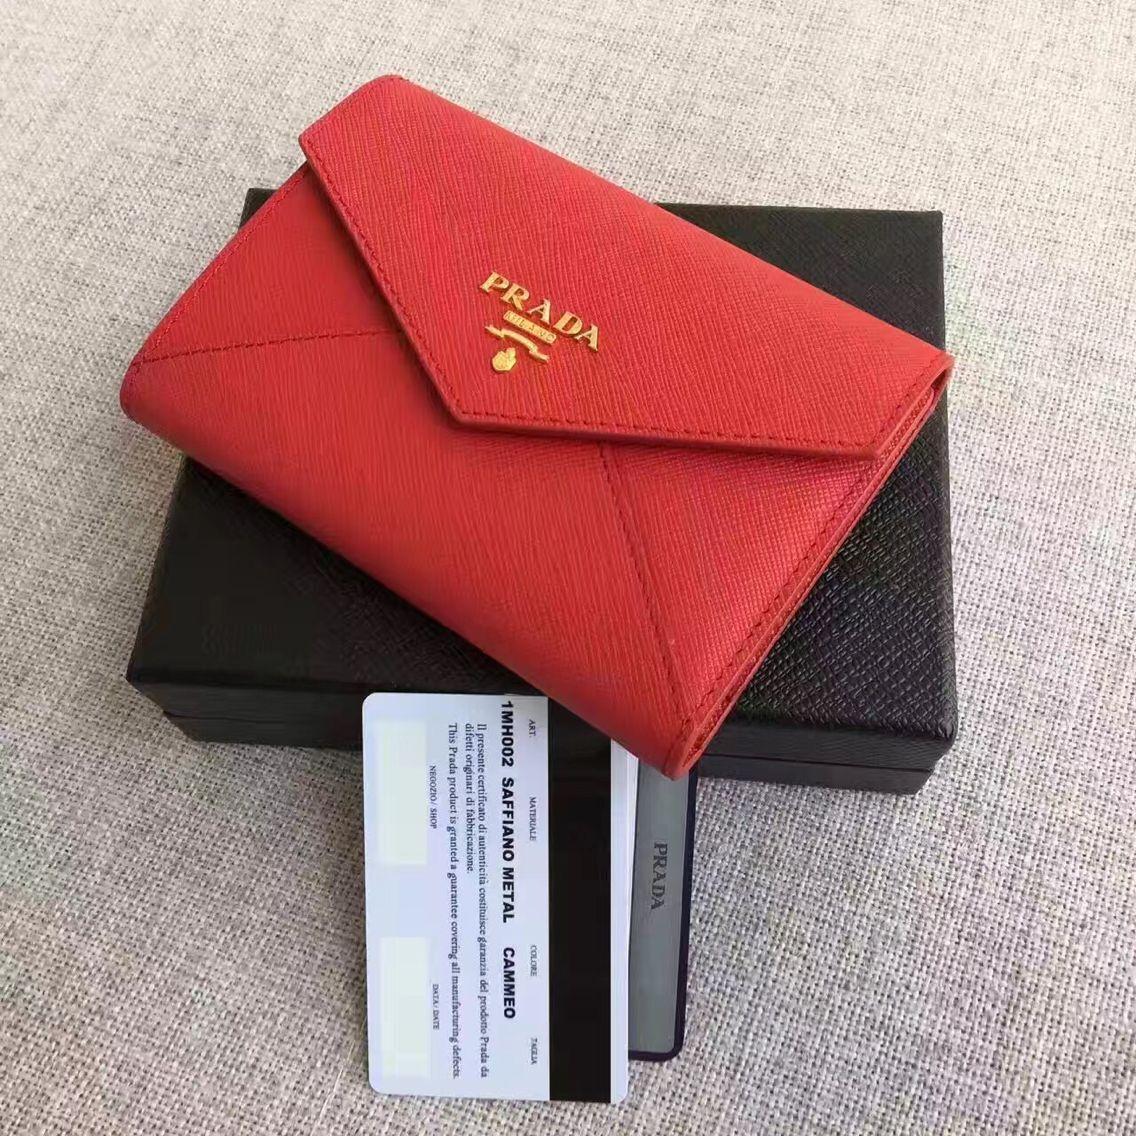 普拉达信封型短款皮夹